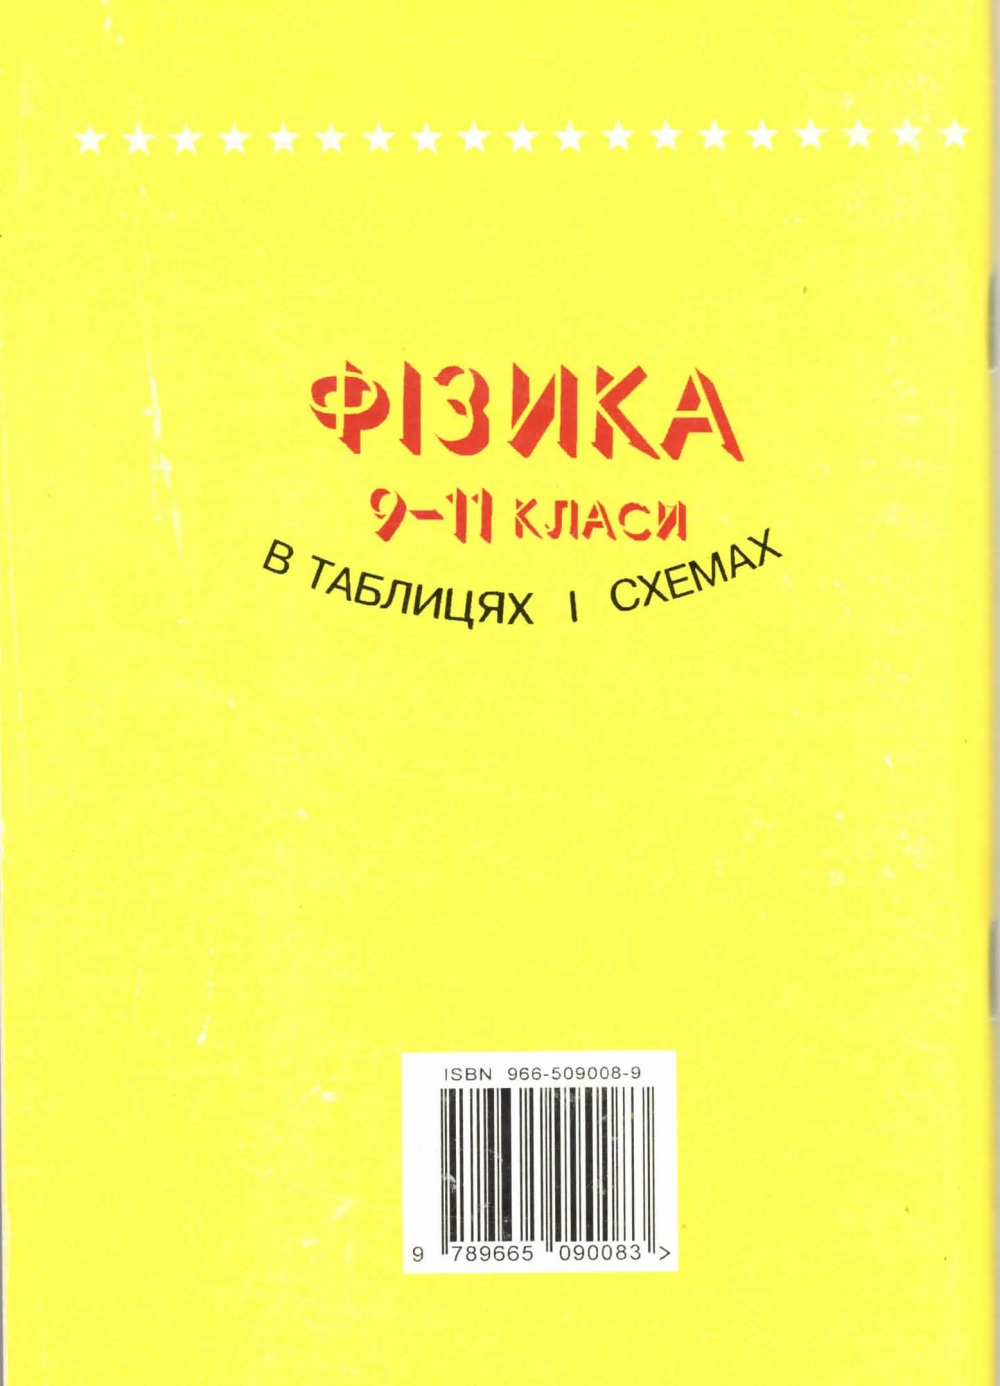 Фізика в таблицях і схемах : Почтаренко Г. Логос. купити 11